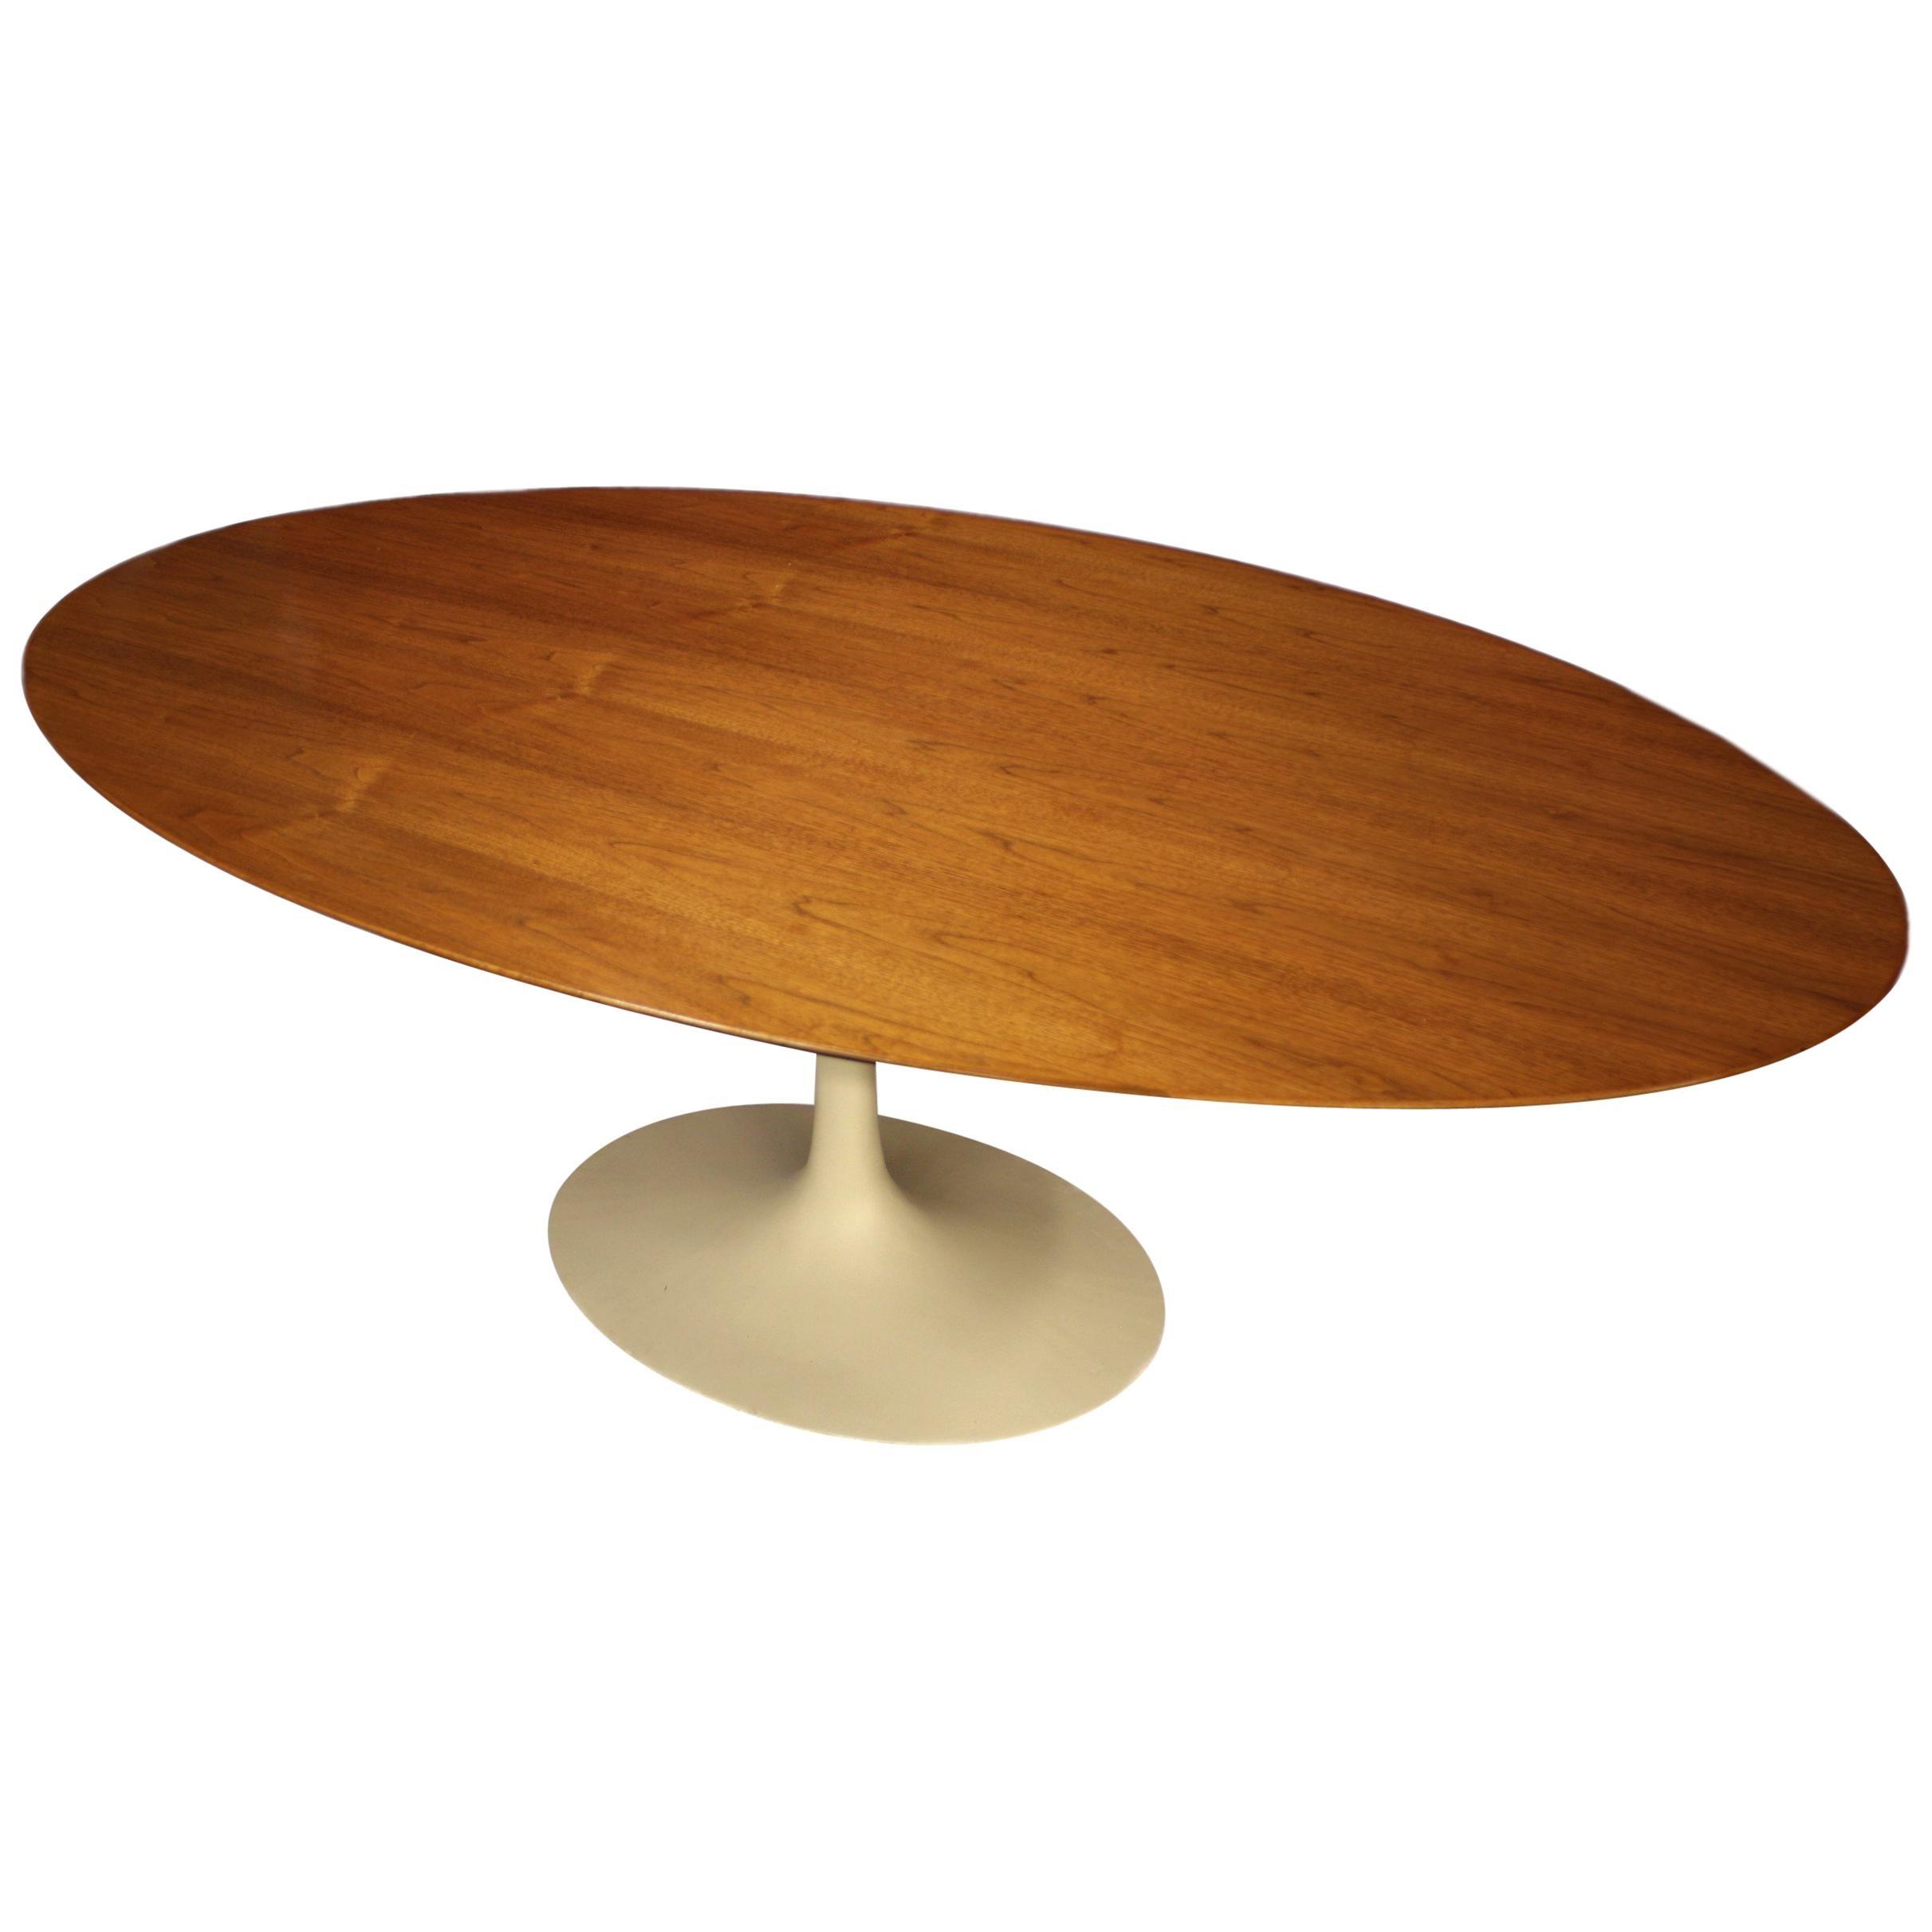 Tables Sale At Saarinen For Eero 1stdibs 116 fv6yYb7g